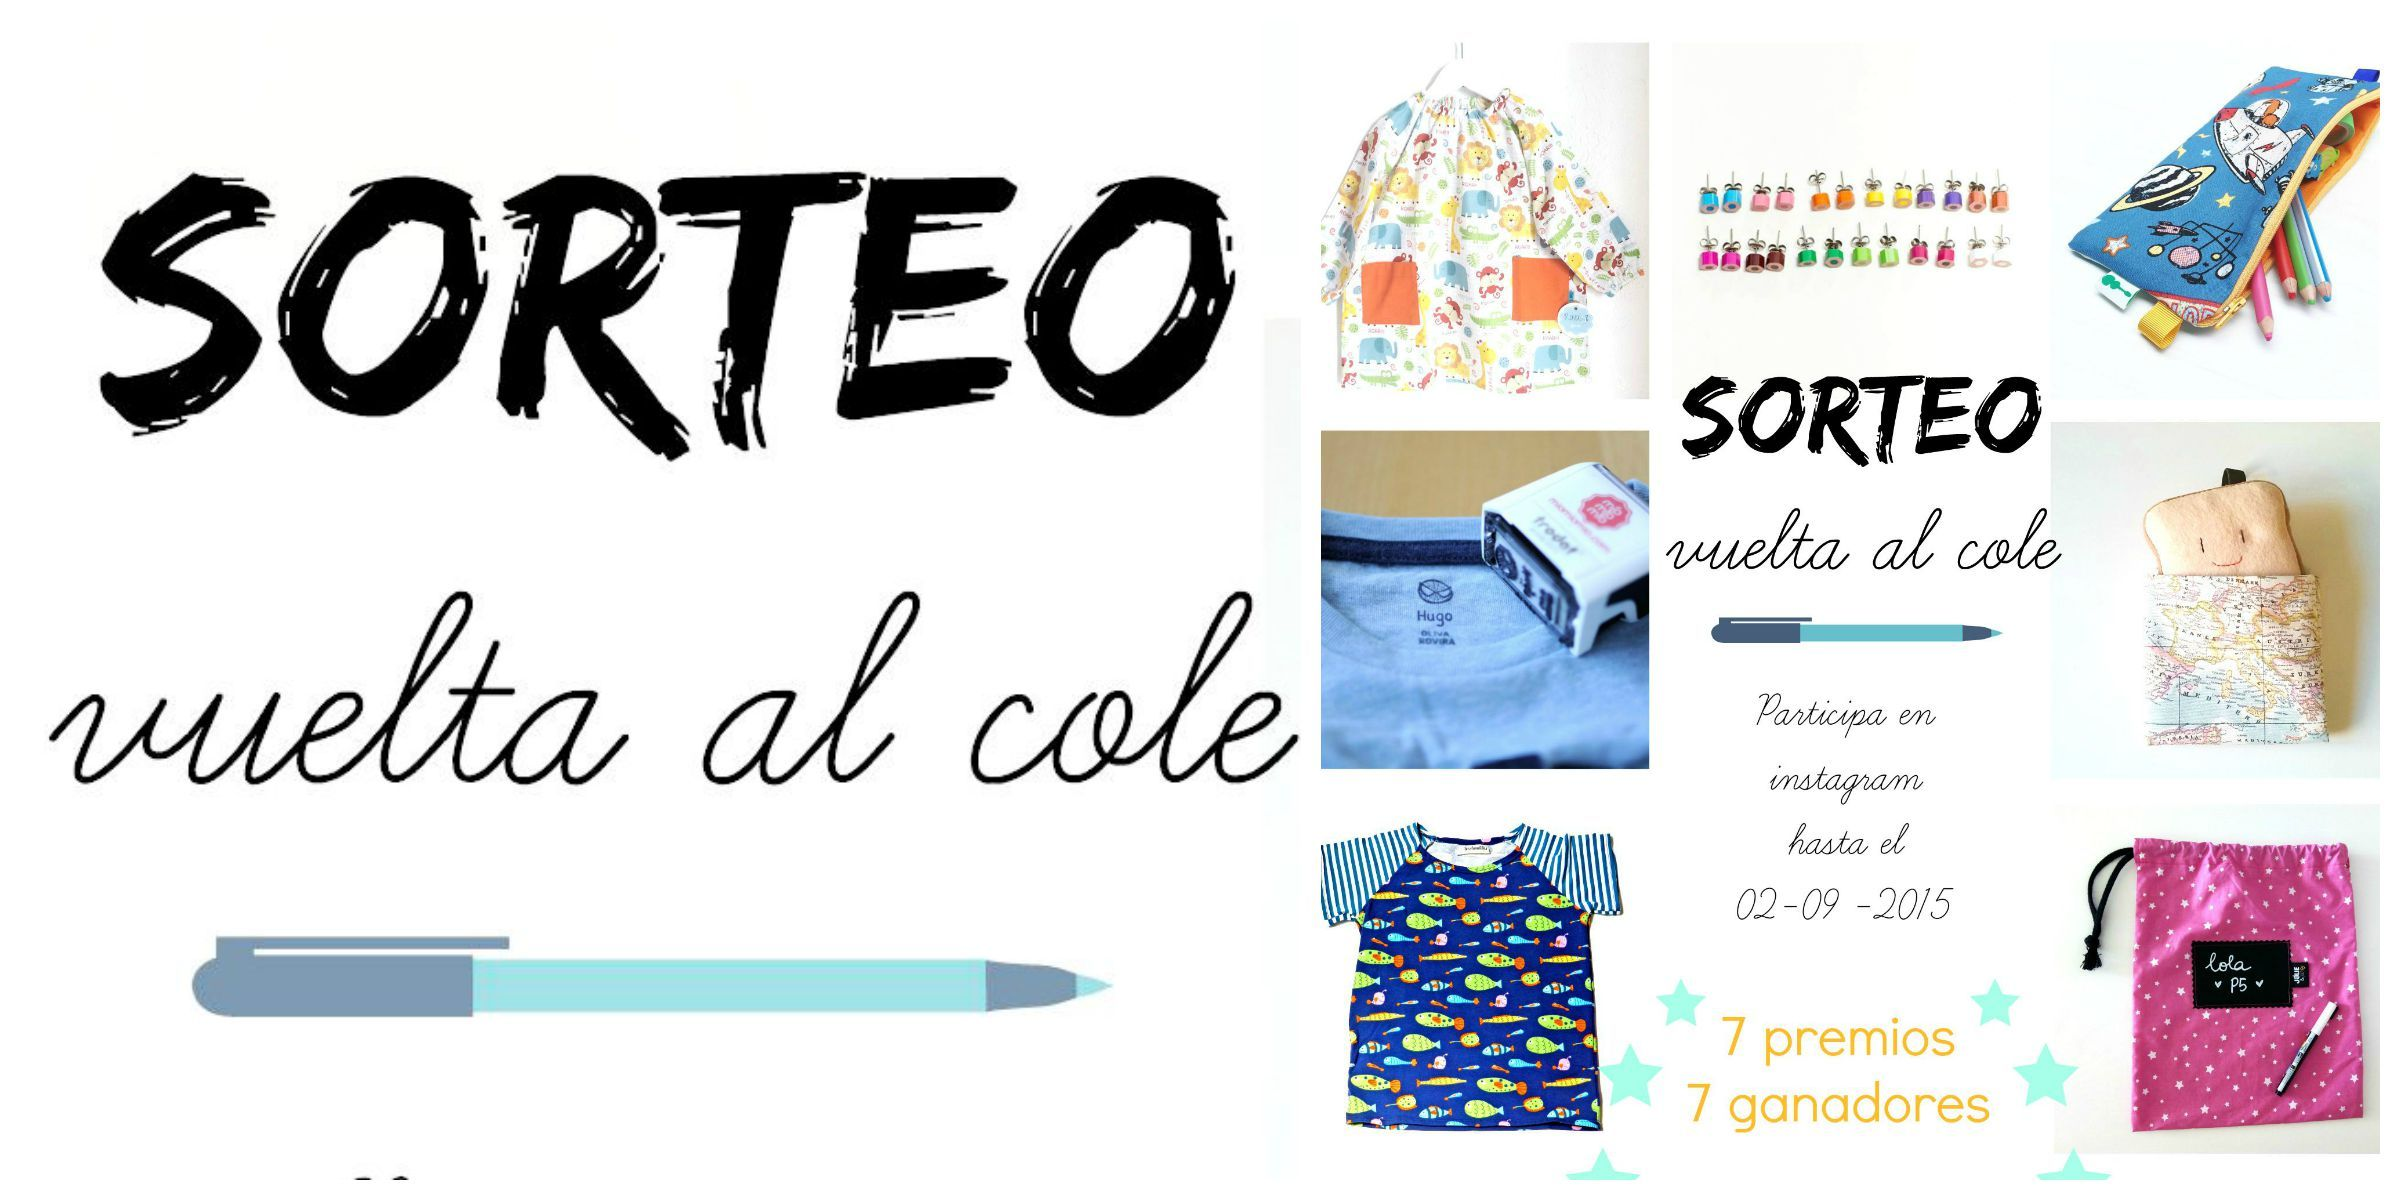 Sorteo especial #vueltaalcole, participa desde tu cuenta de instagram!! mas información en nusetro blog http://julieandjane.es/blog-sorteo-vuelta-al-cole/